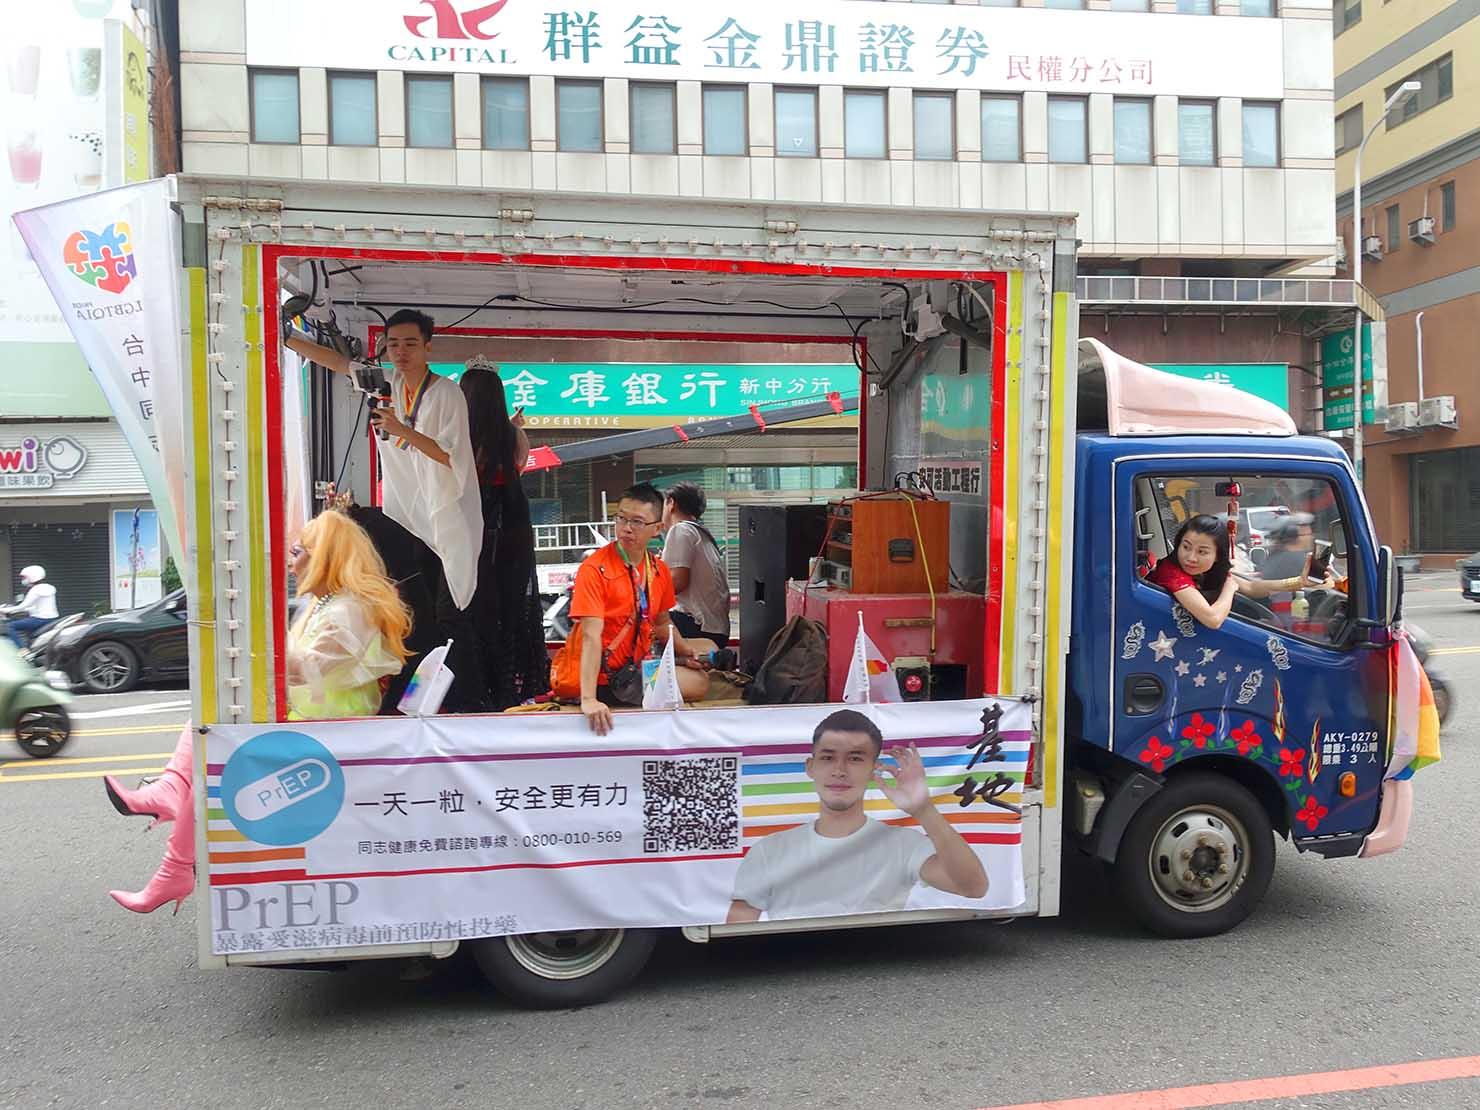 台中同志遊行(台中LGBTプライド)2018のパレードカー